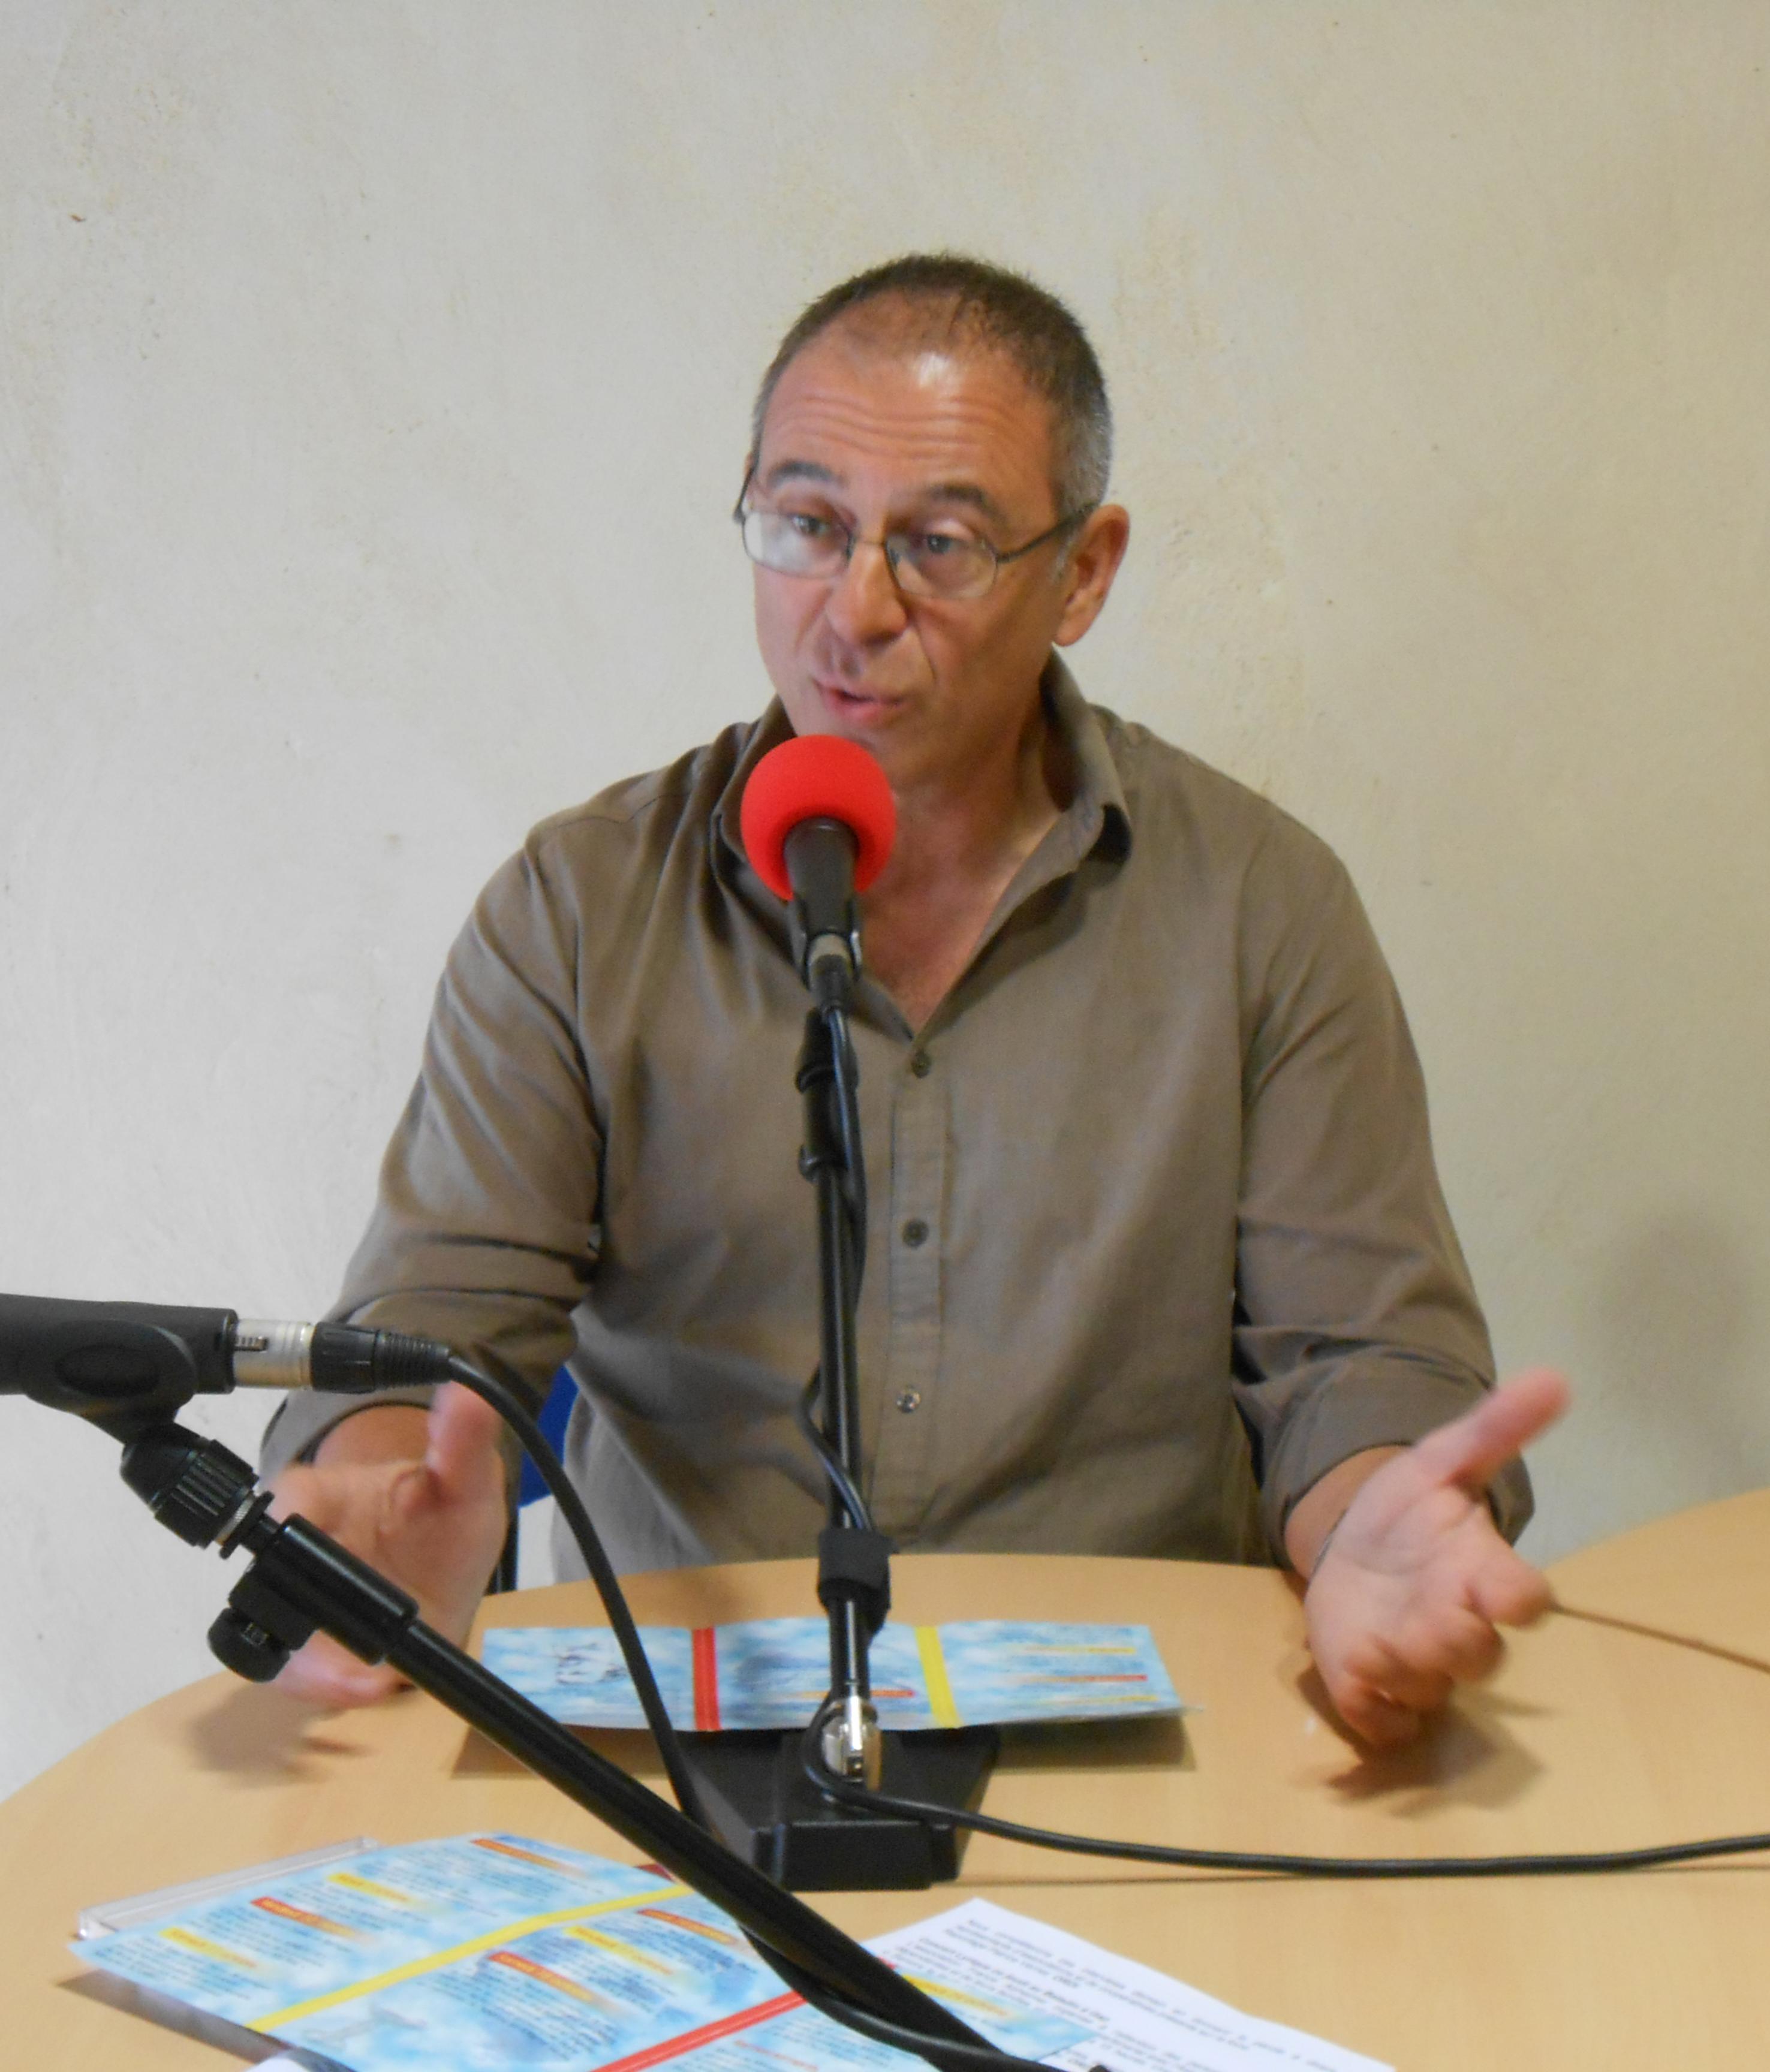 Nous allons parler des 100 ans de la disparition de Frédéric Mistral avec Le Félibre Michel Benedetto